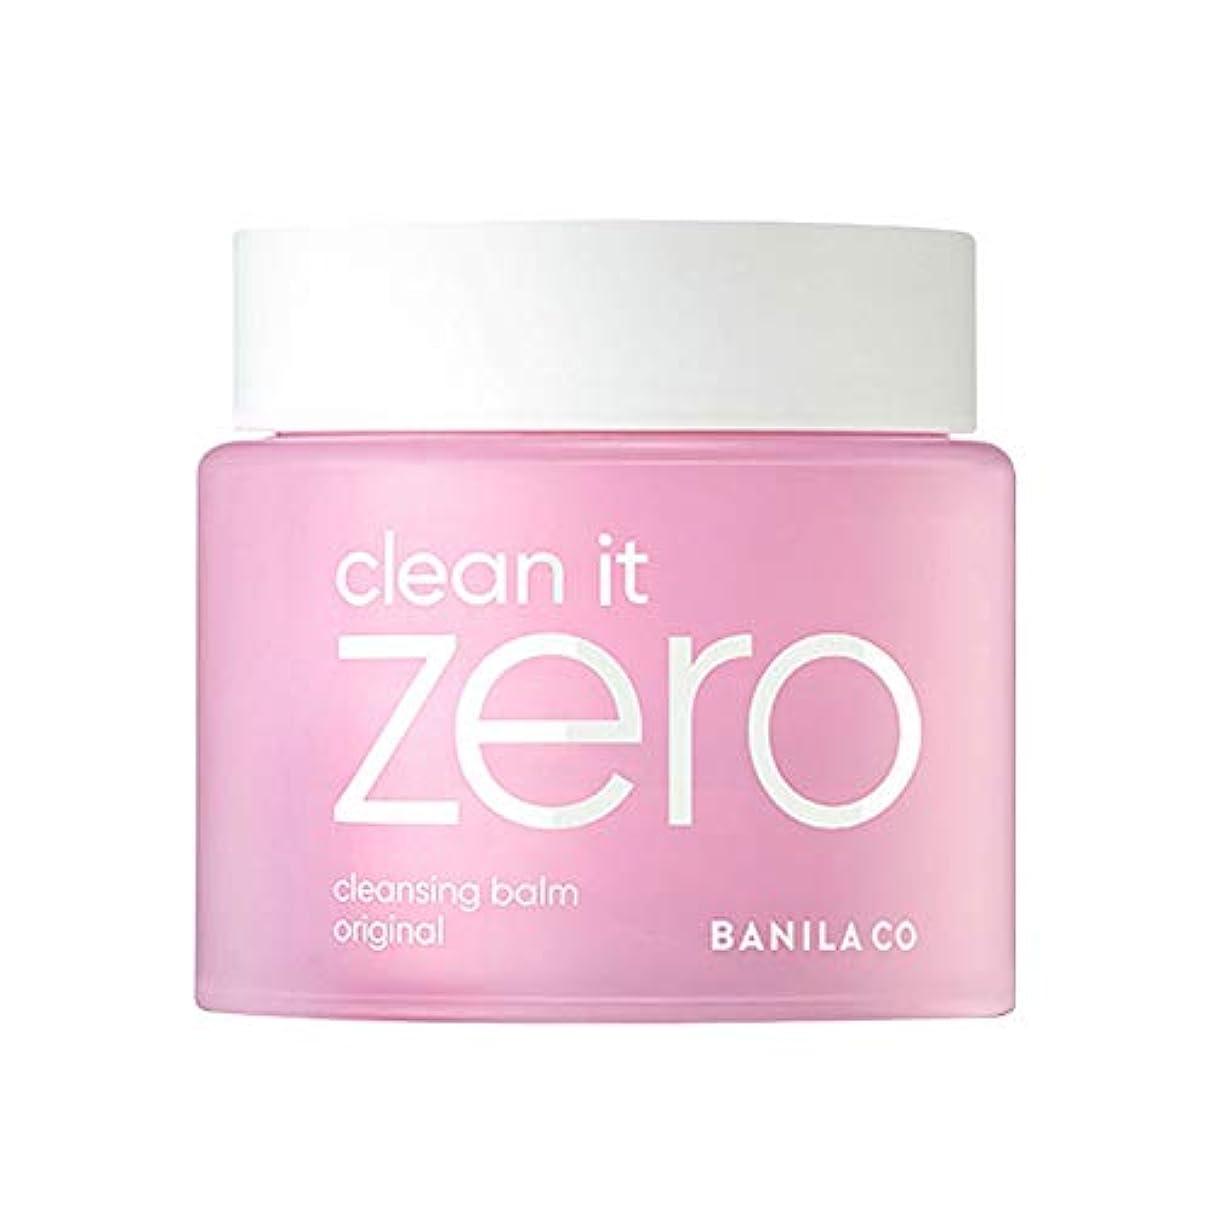 鼻上流のバターバニラコクリーンイットゼロクレンジングbalmオリジナル180mlクレンジングクリーム、Banila Co Clean It Zero Cleansing Balm Original 180ml [並行輸入品]